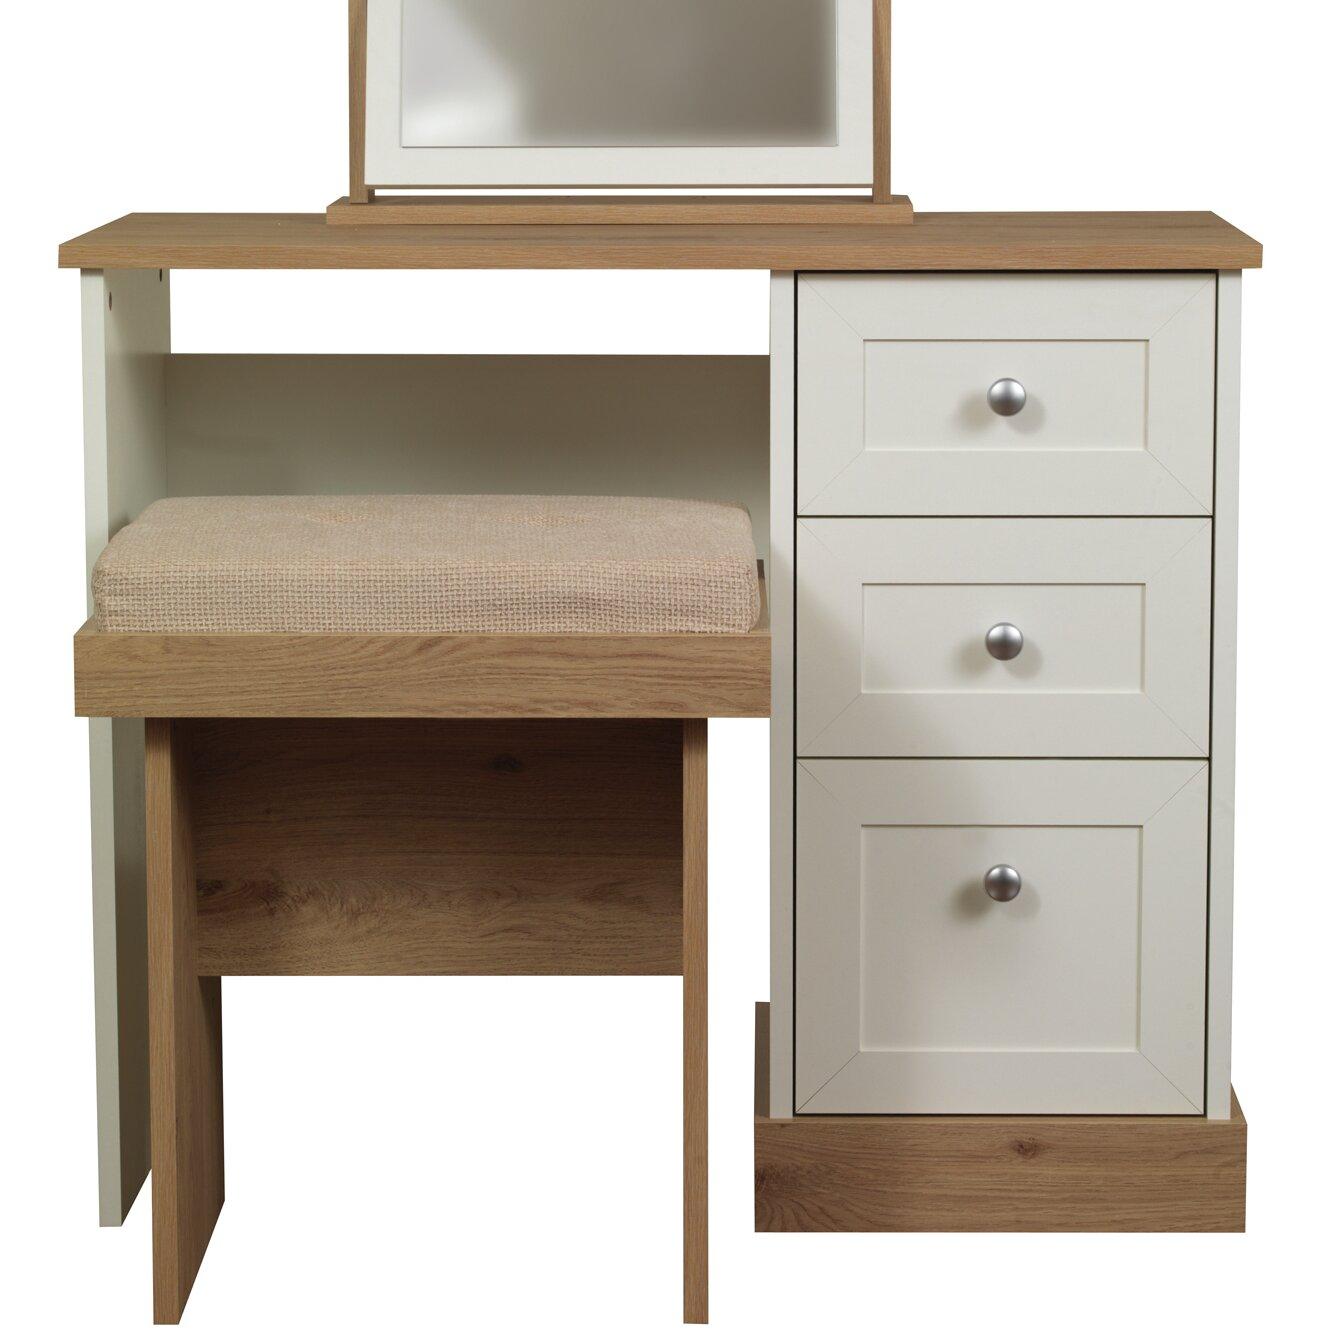 sweet dreams schminktisch beijing mit spiegel bewertungen. Black Bedroom Furniture Sets. Home Design Ideas